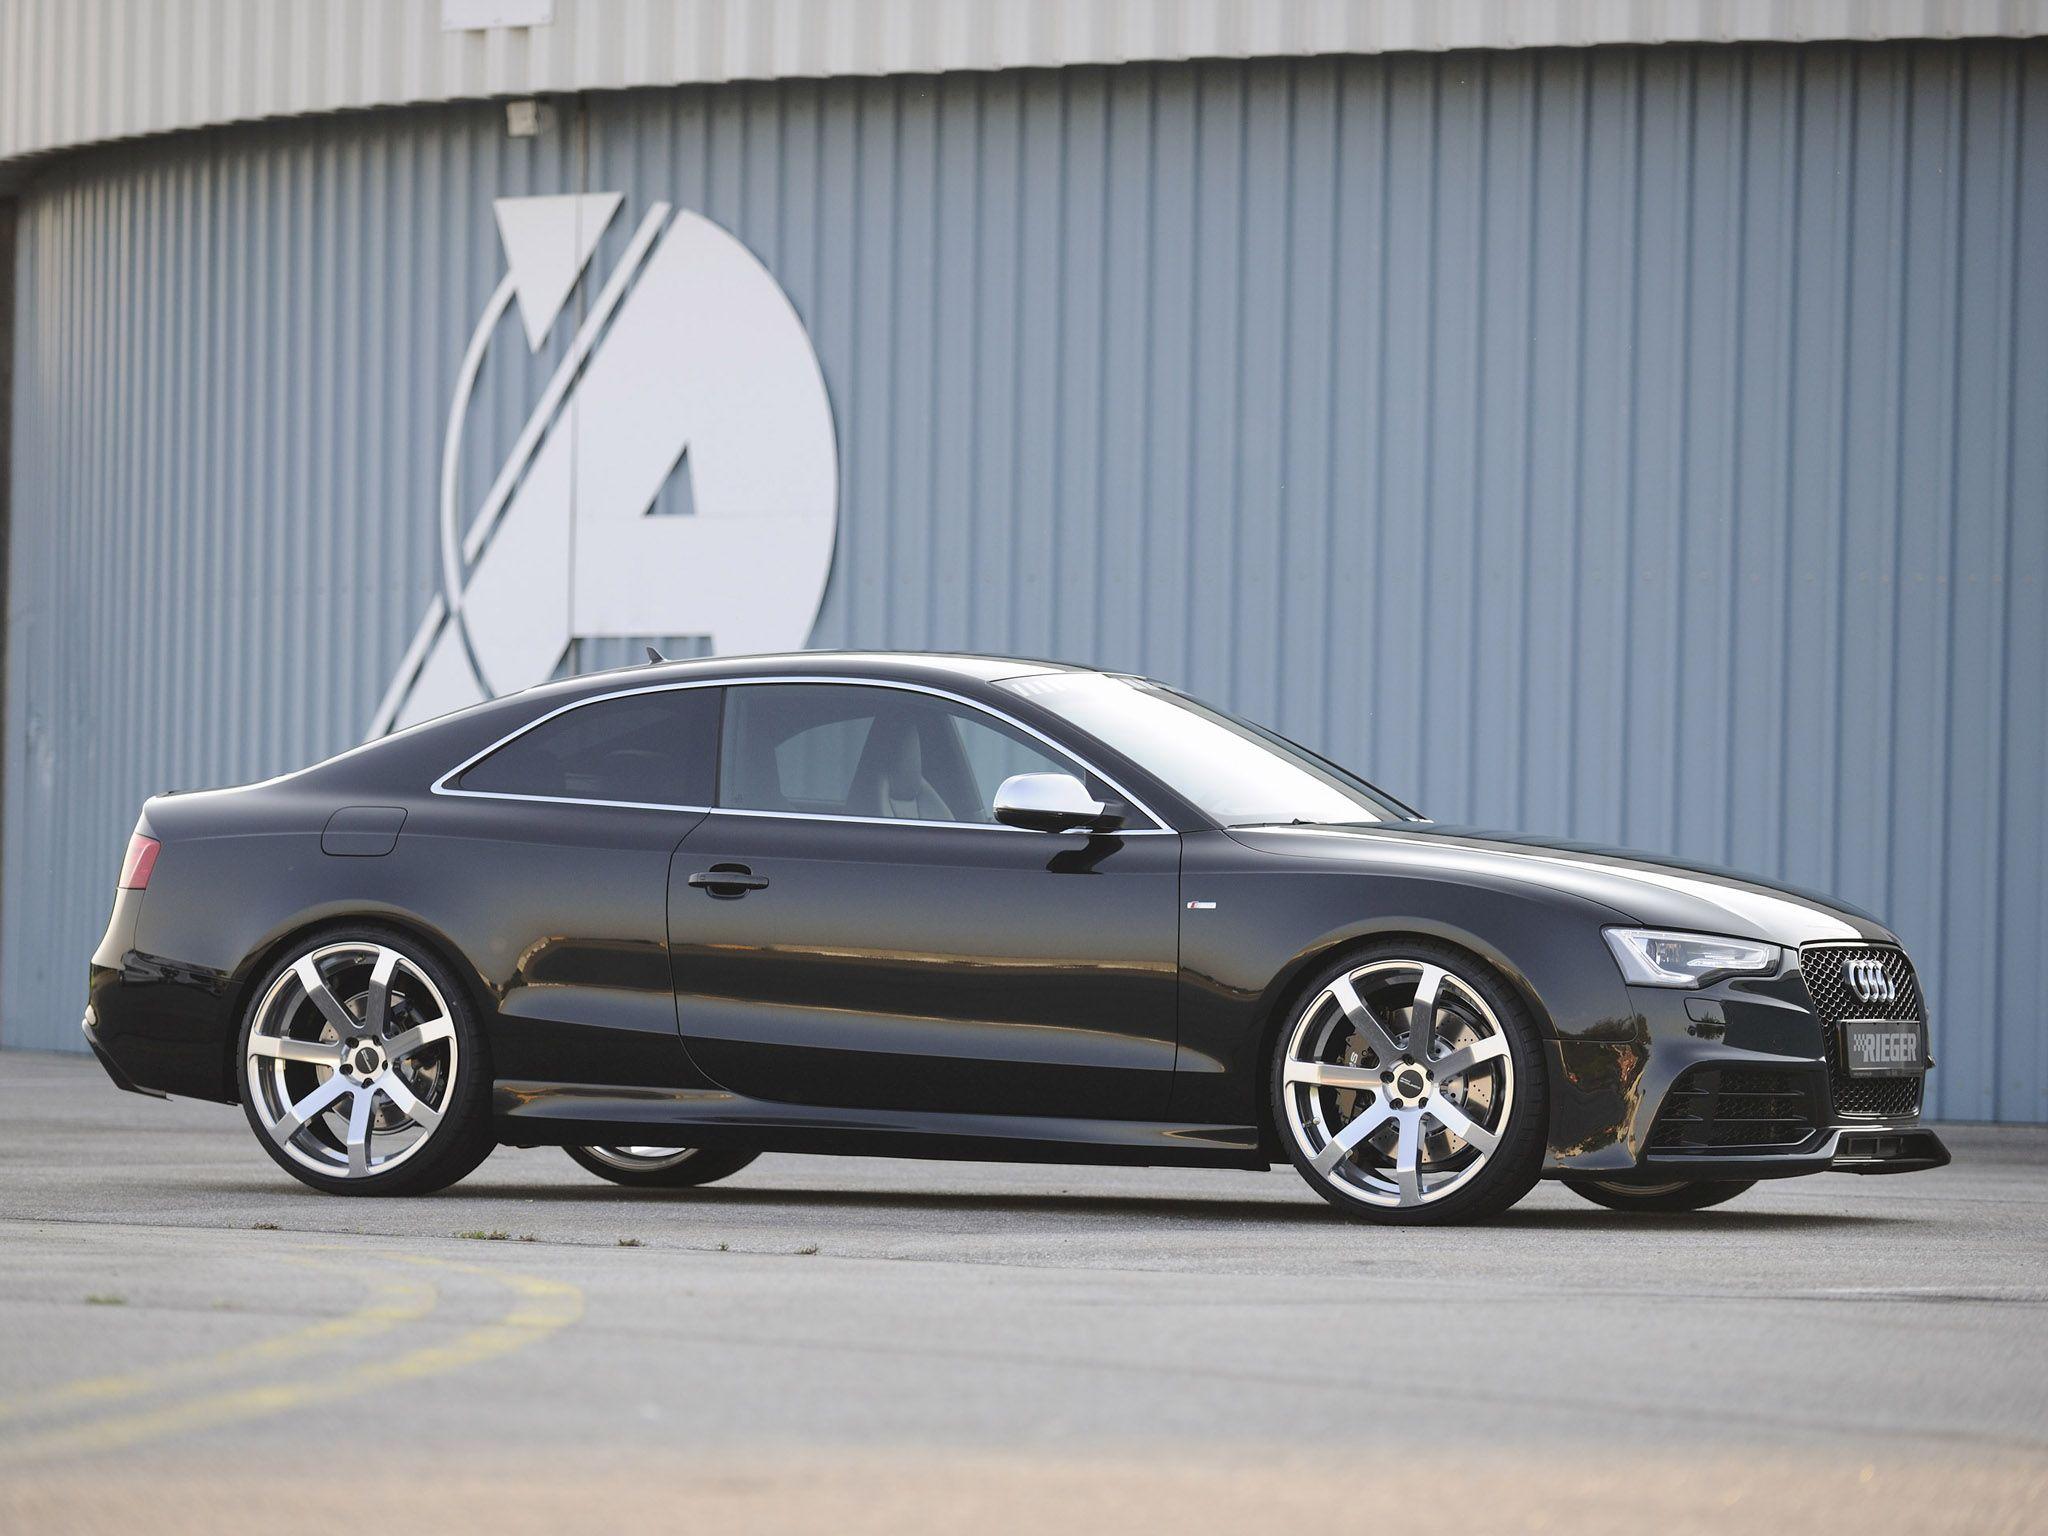 Audi A5 Audi Automobile